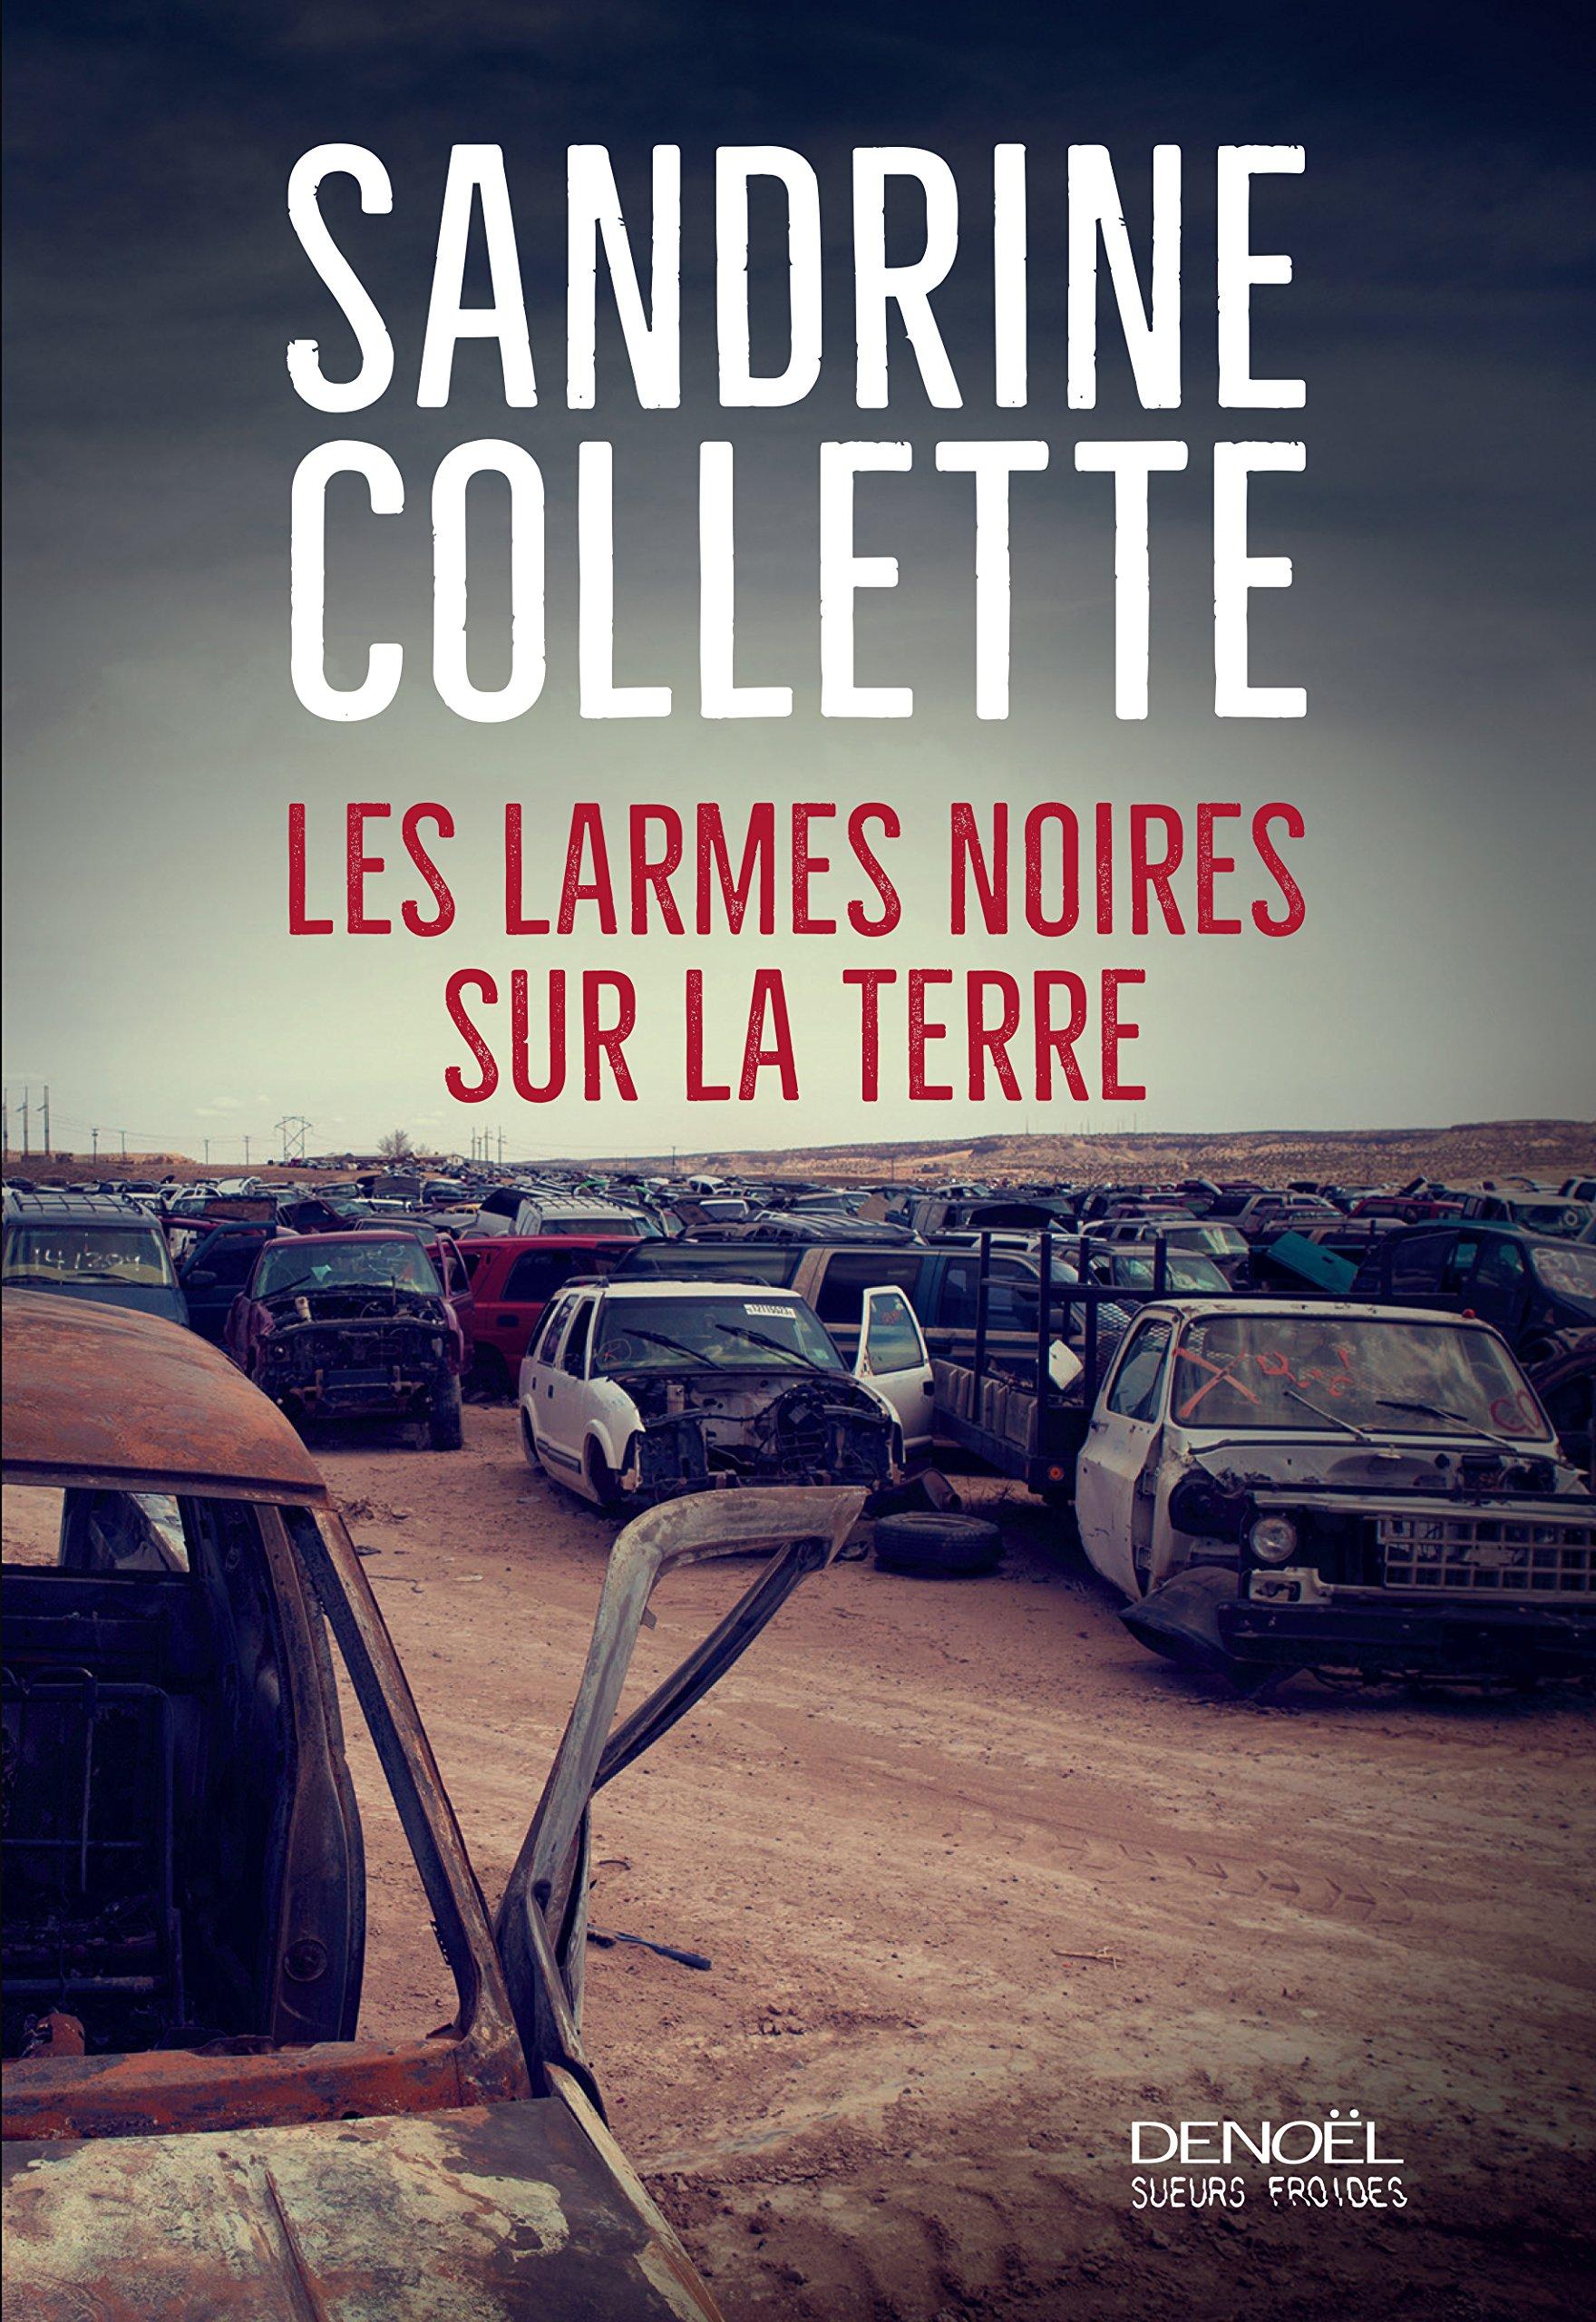 Les larmes noires sur la terre de Sandrine Collette